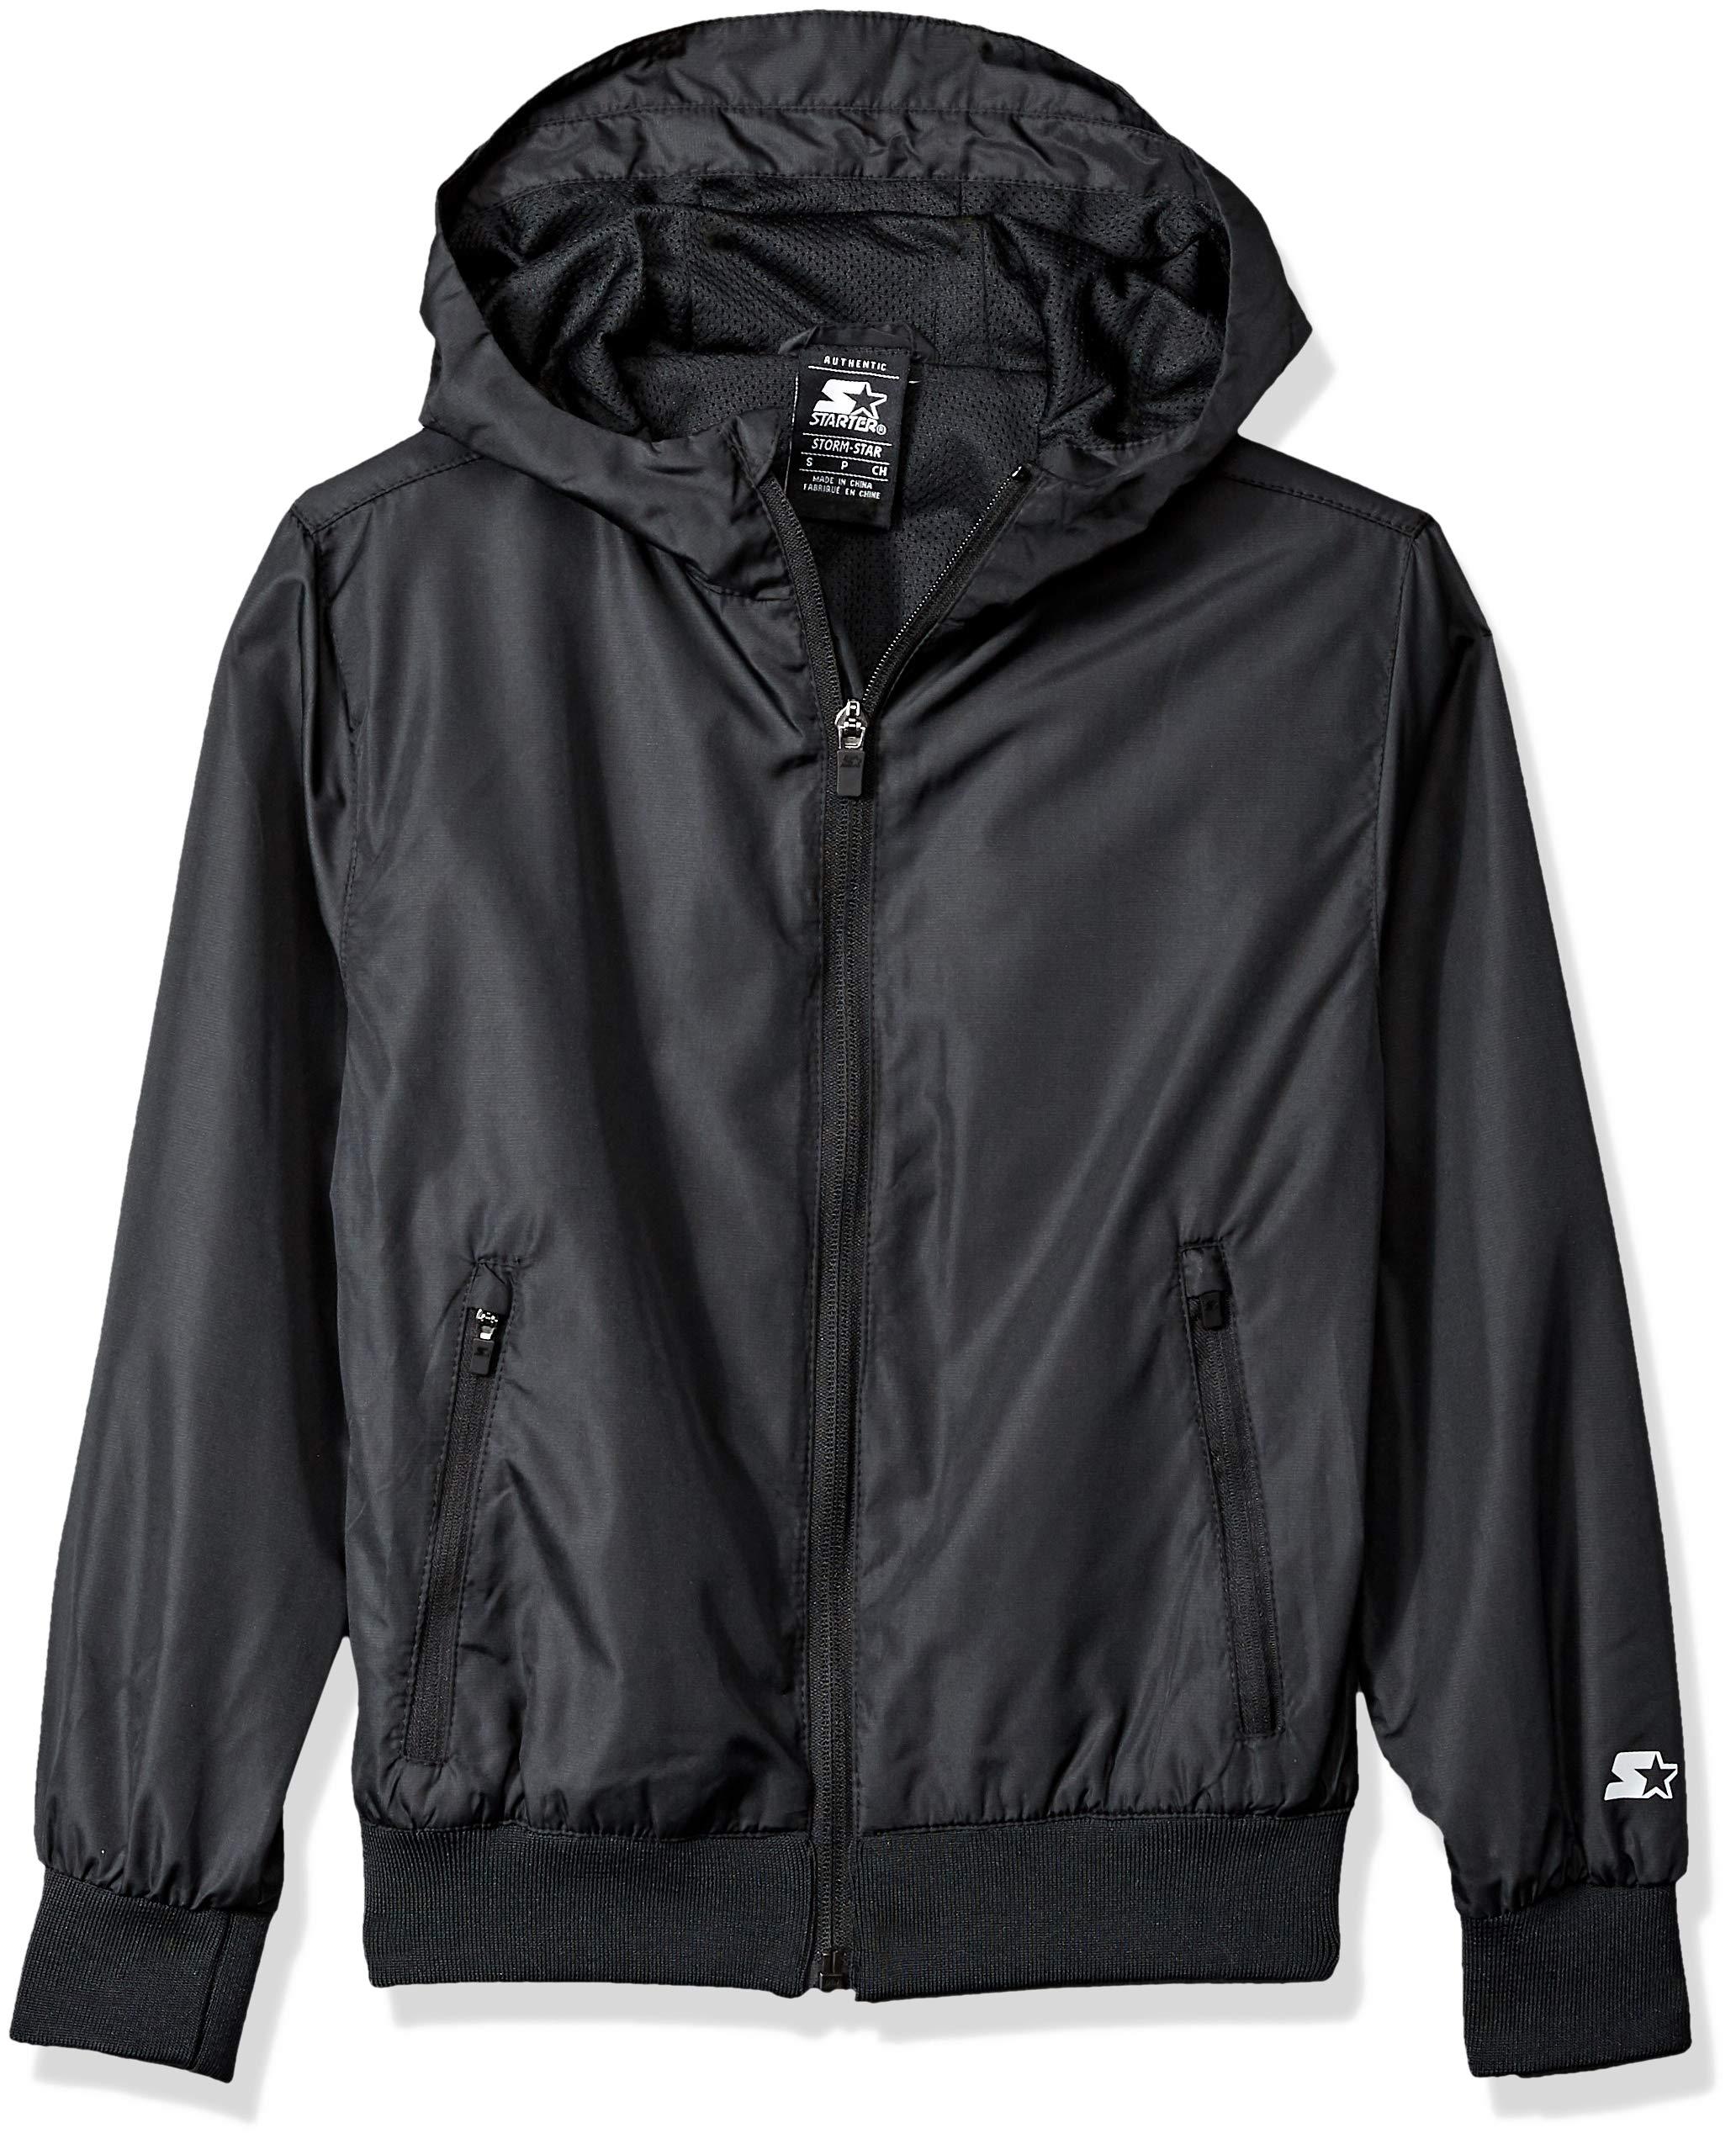 Starter Boys' Windbreaker Jacket, Amazon Exclusive, Black, XS (4/5)